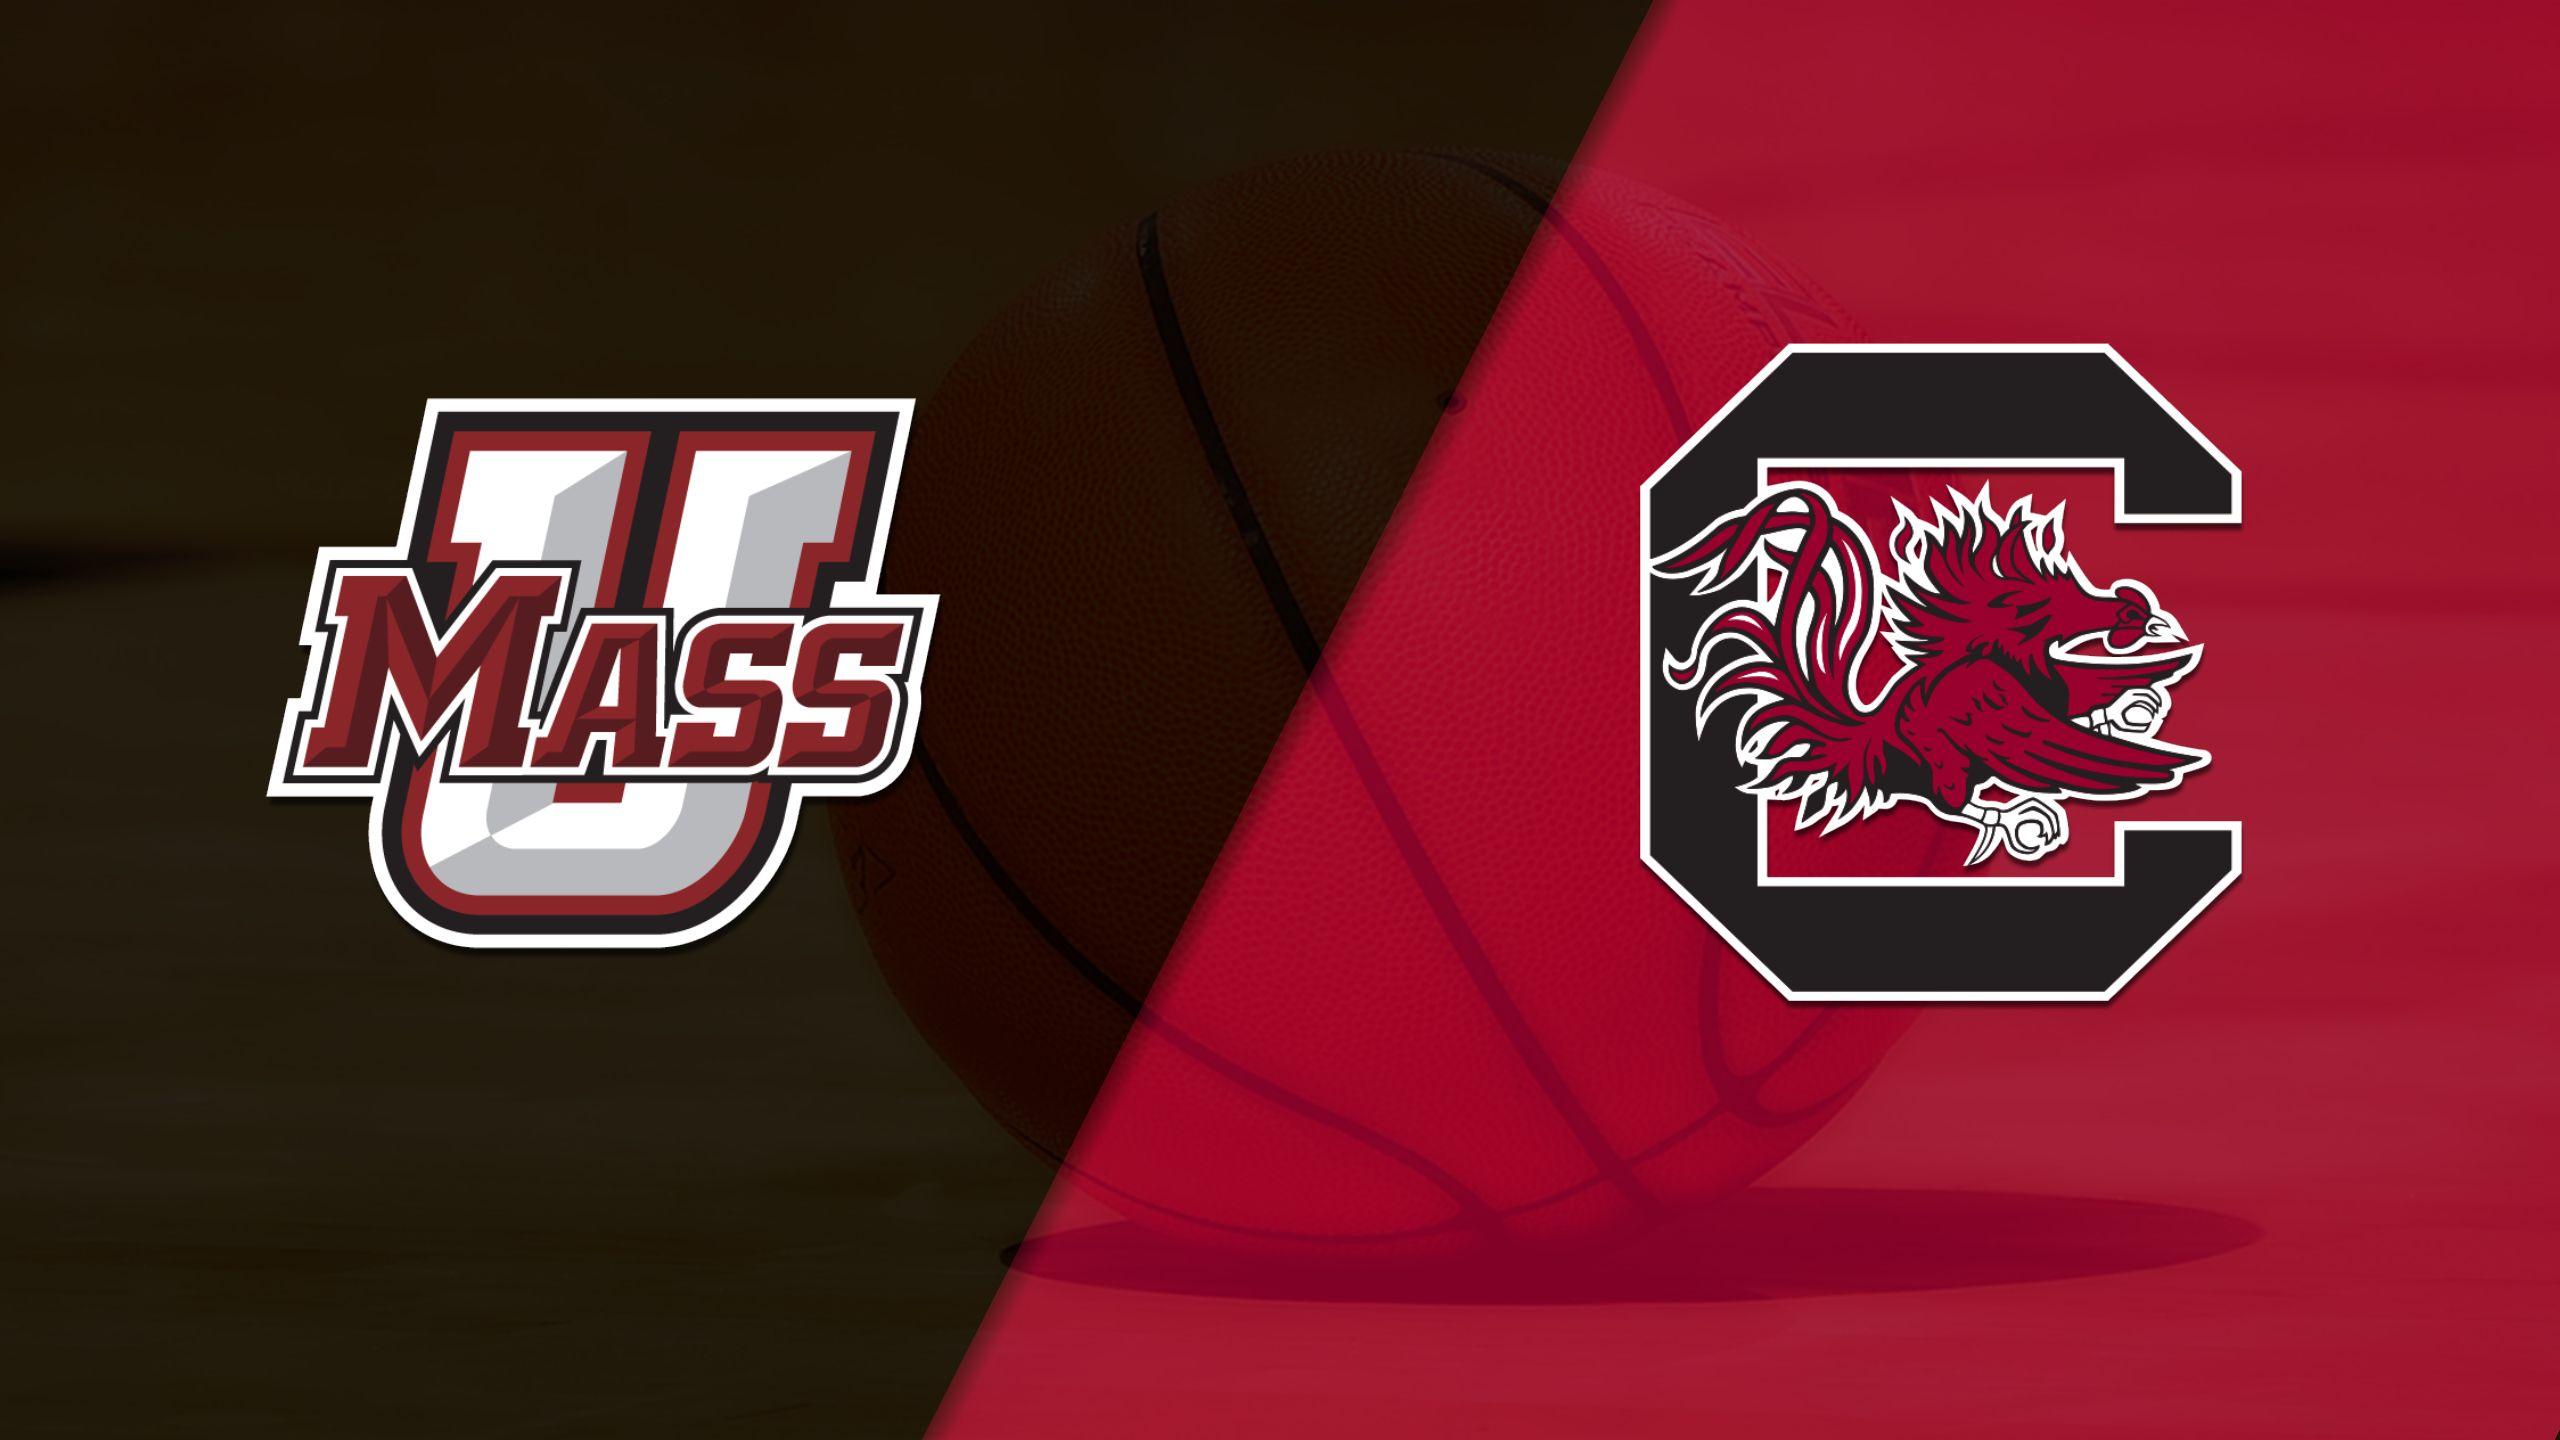 UMass vs. South Carolina (M Basketball)